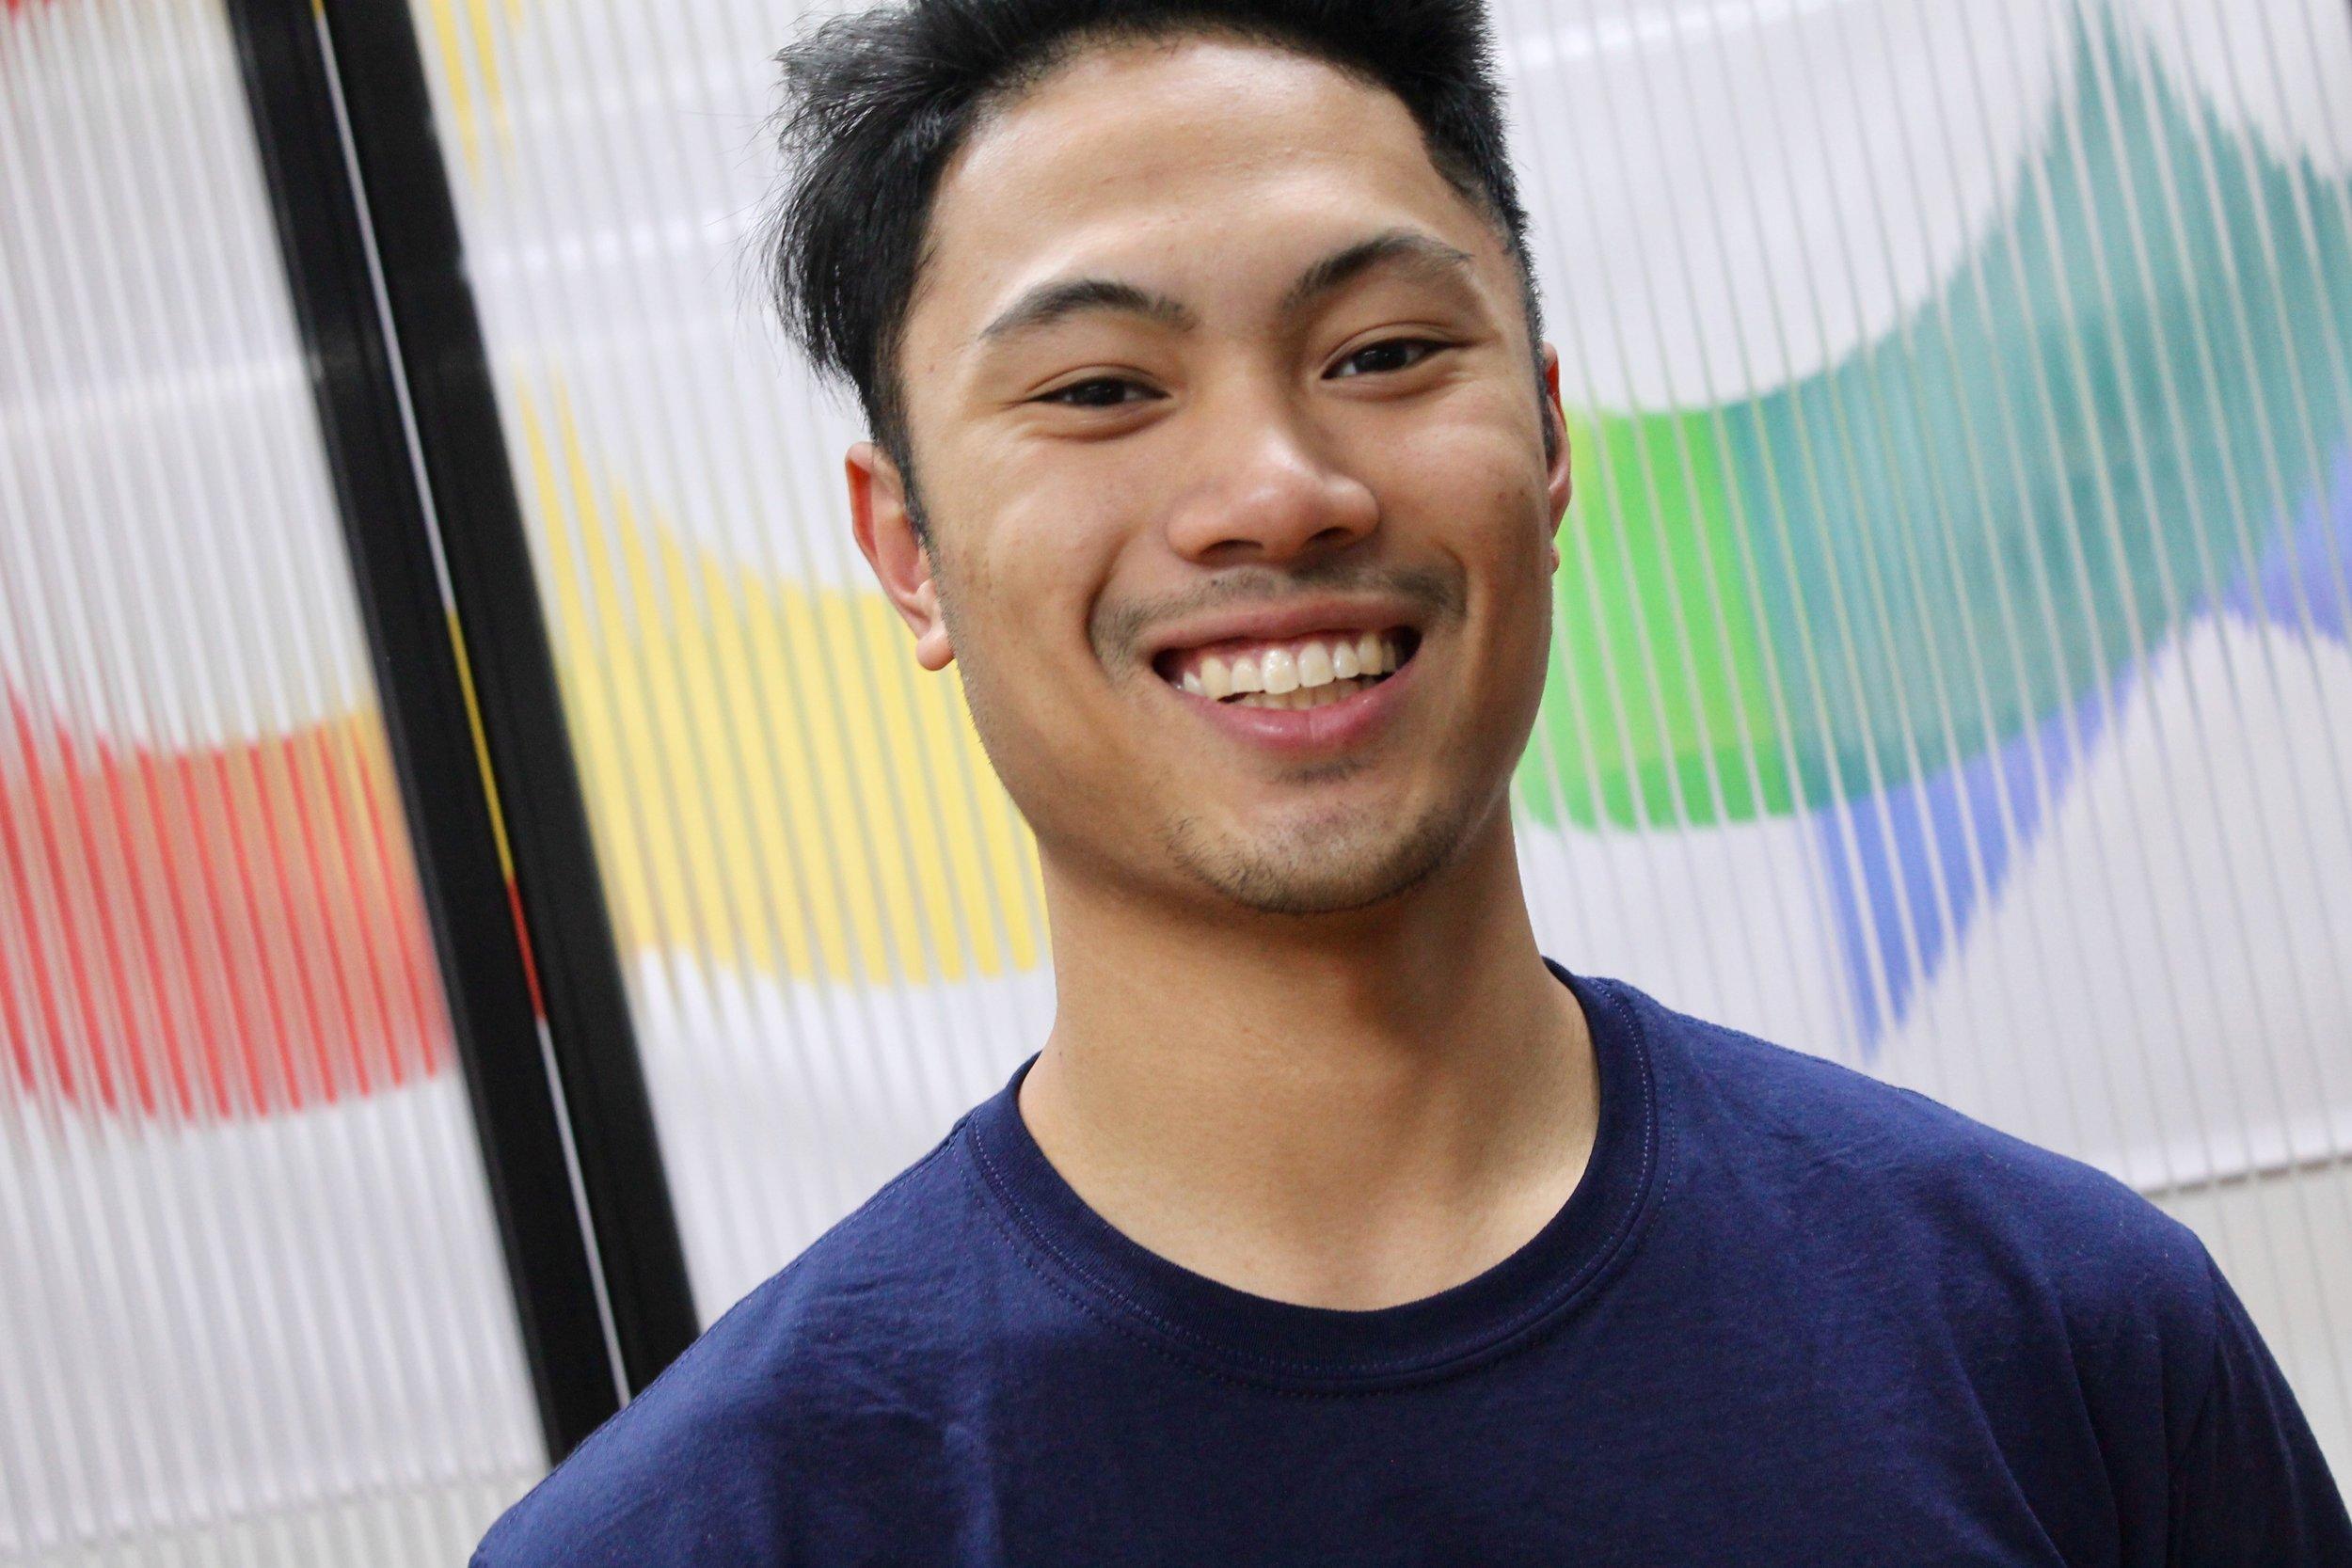 Troy San Buenaventura